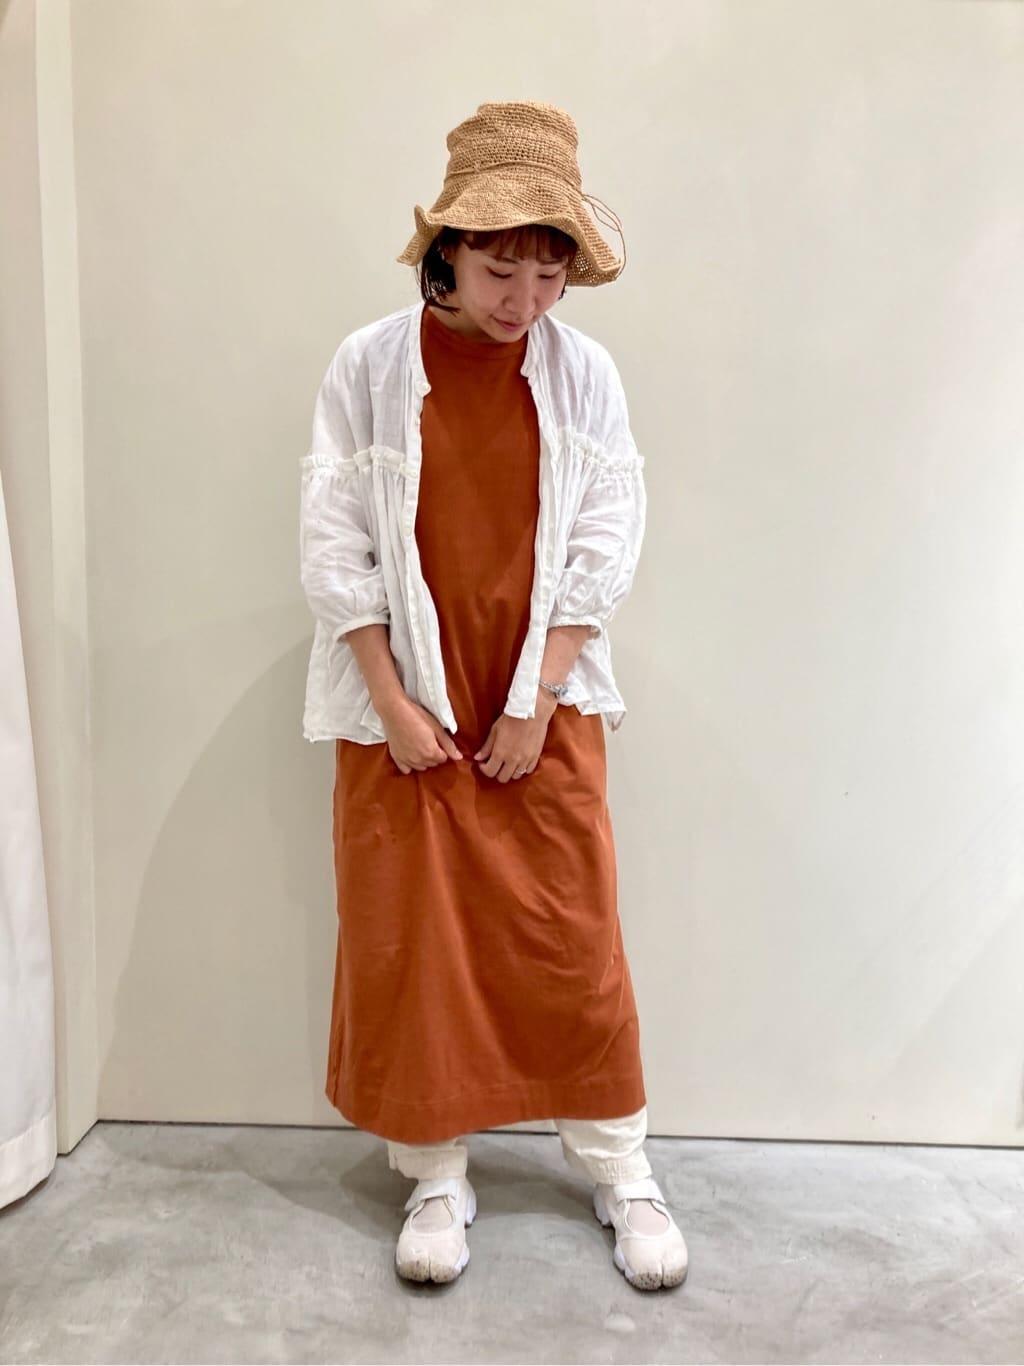 CHILD WOMAN , PAR ICI 新宿ミロード 2021.07.02